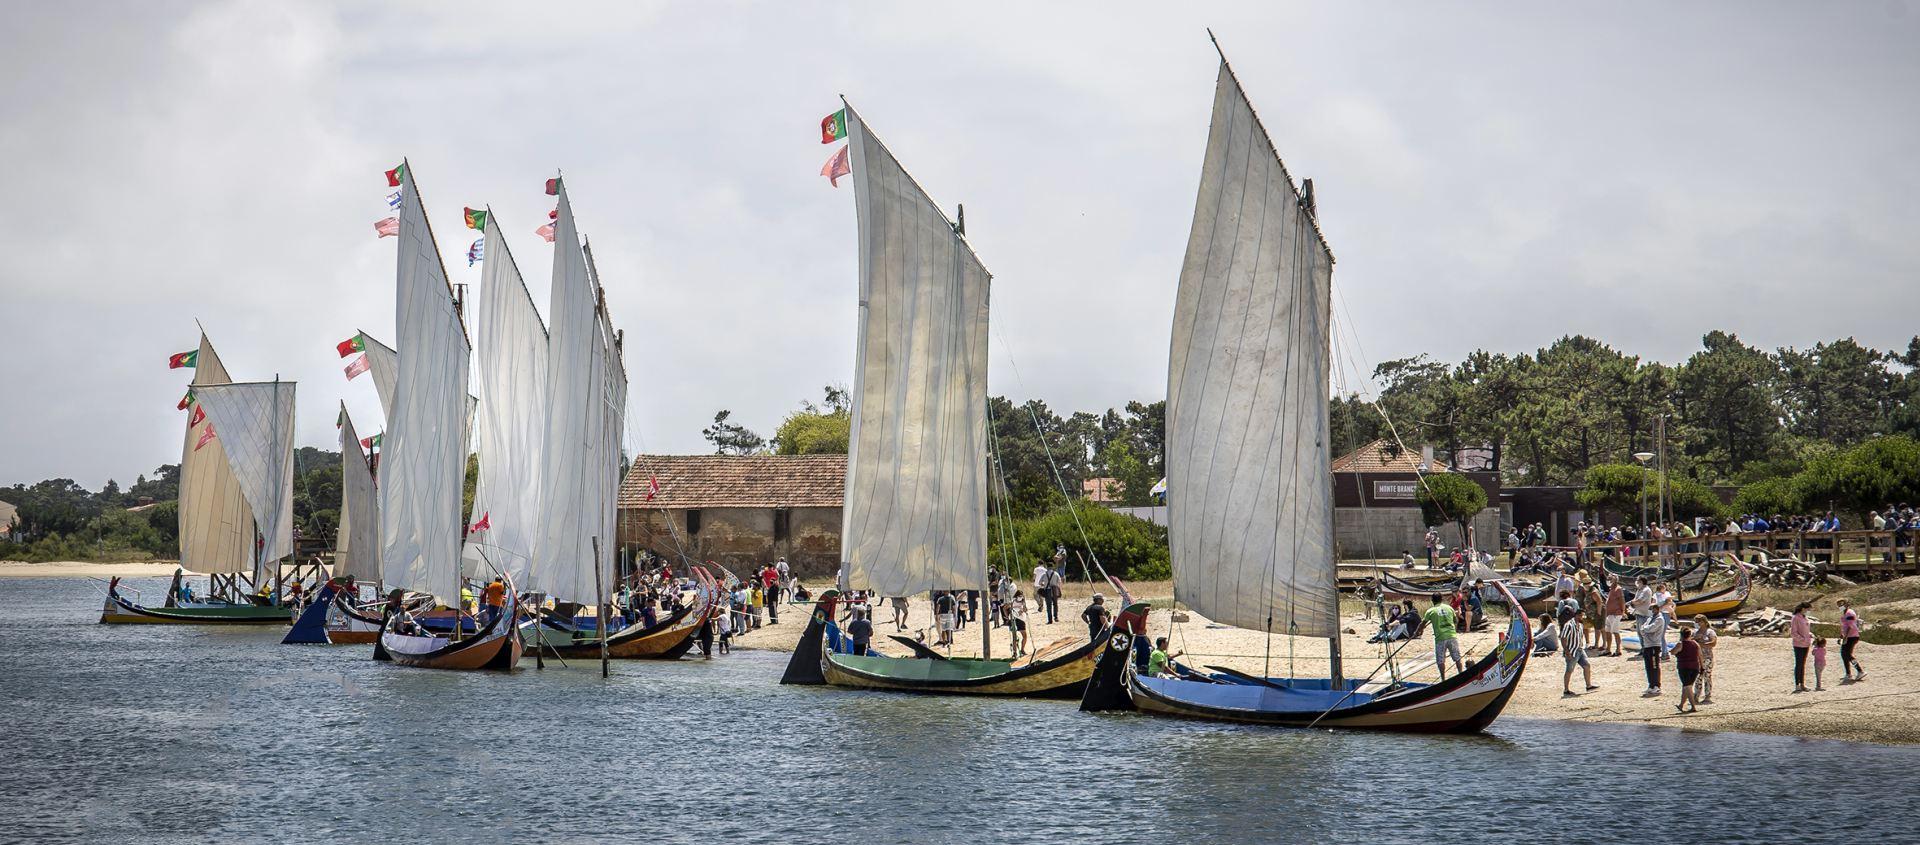 A Grande Regata de Barcos Moliceiros